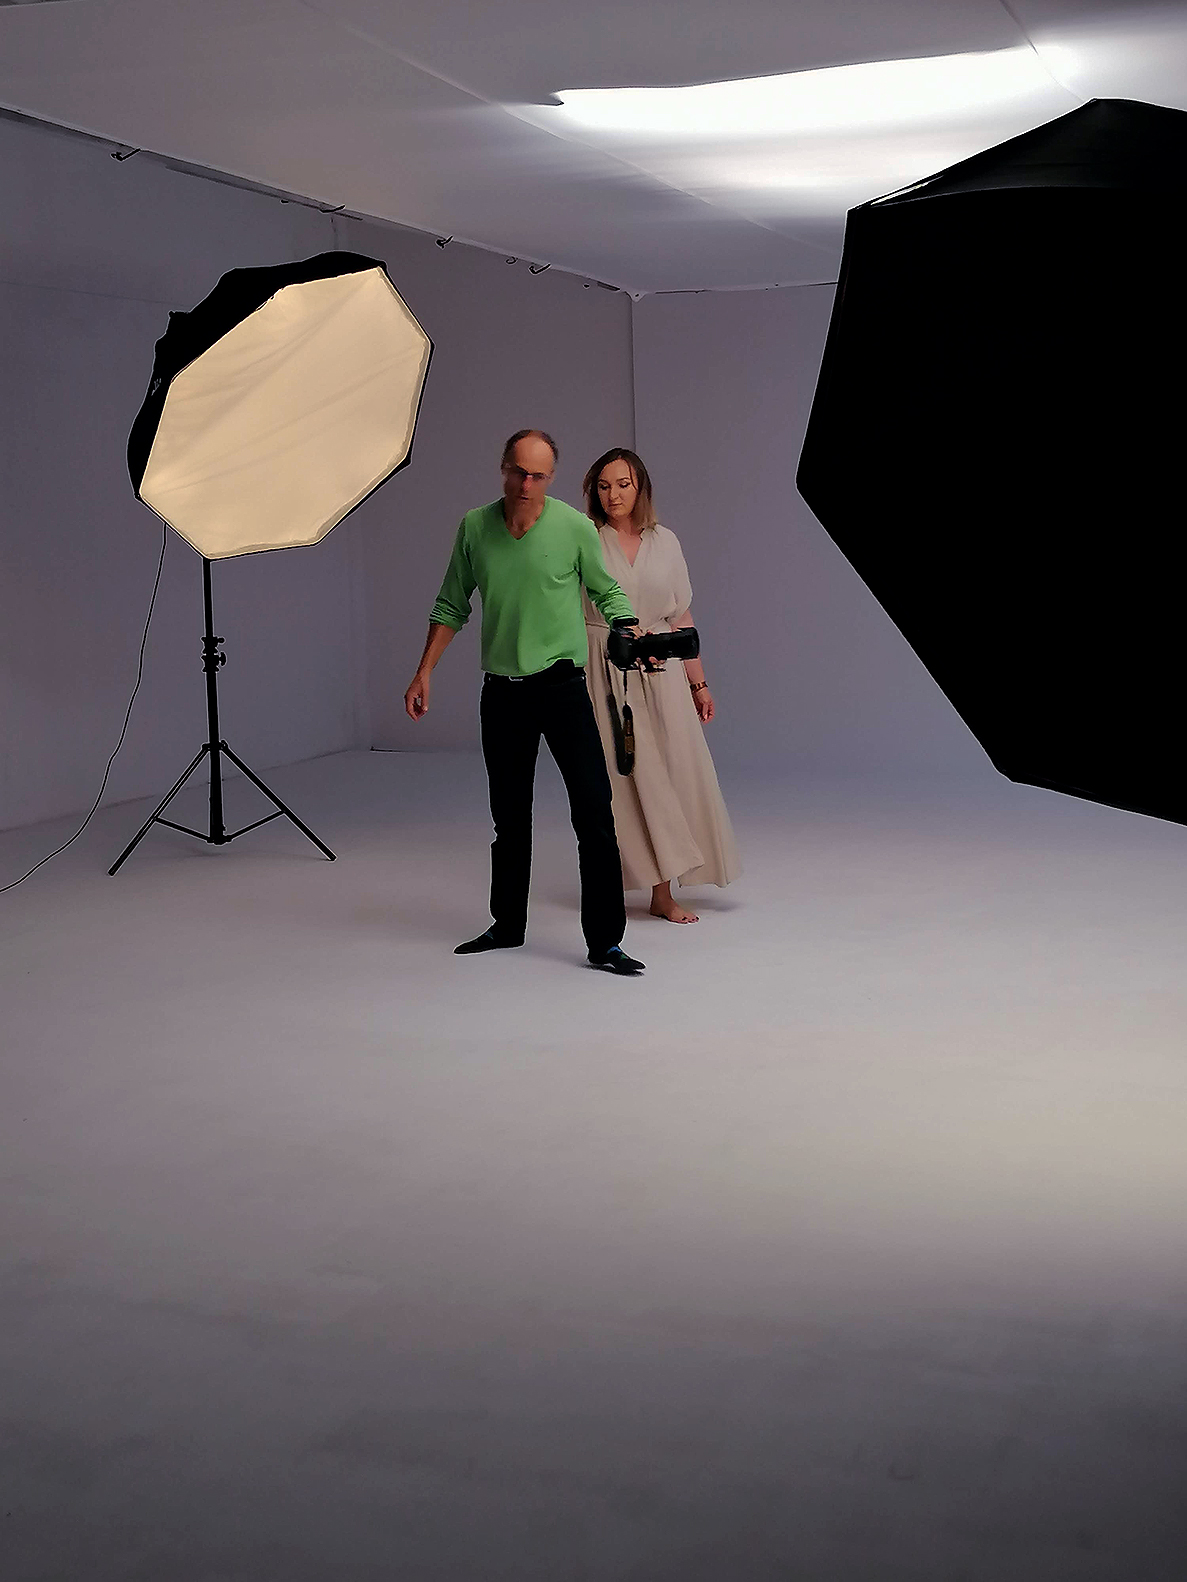 Kobieta i mężczyzna na planie fotograficznym pośród lamp. Mężczyzna trzyma aparat i pokazuje kobiecie ruch. Ona ubrana w długą, jasną sukienkę, przygląda mu się.